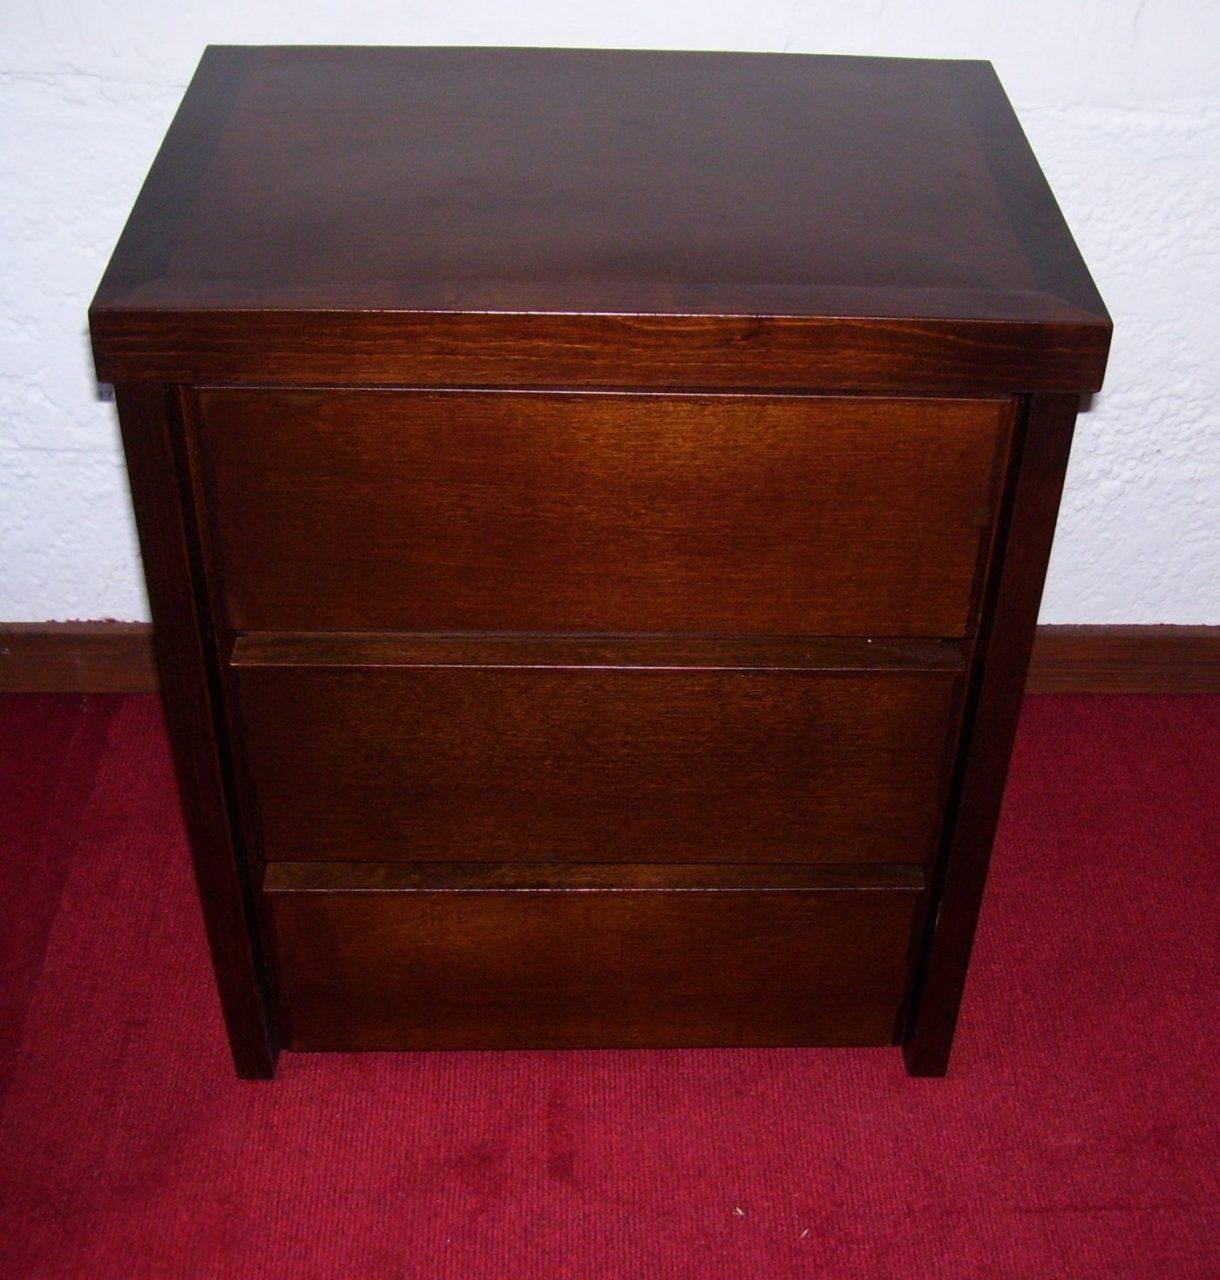 Mesas de luz en madera a medida omb muebles uruguay - Muebles de madera a medida ...